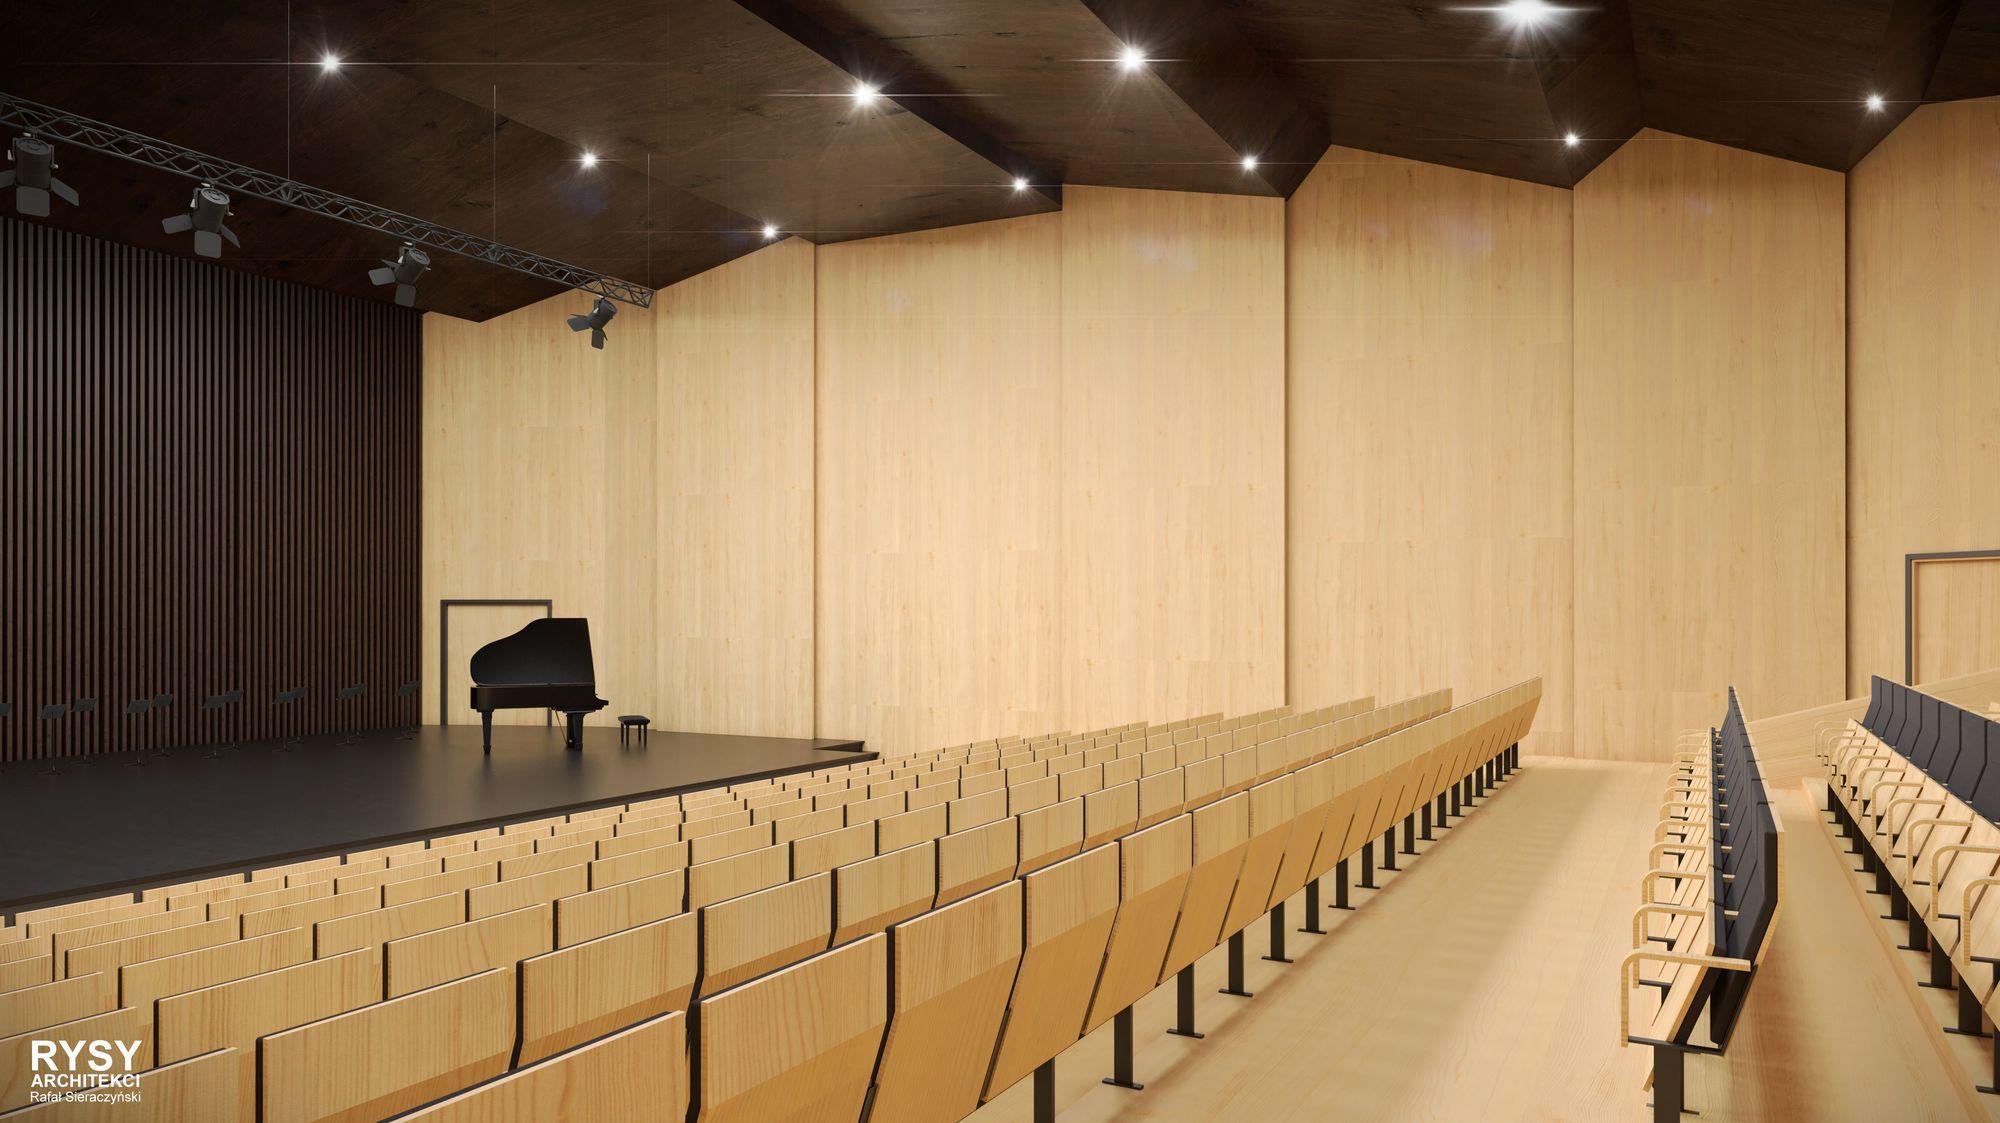 RYSYSzkola-muzyczna-żory-wnętrze